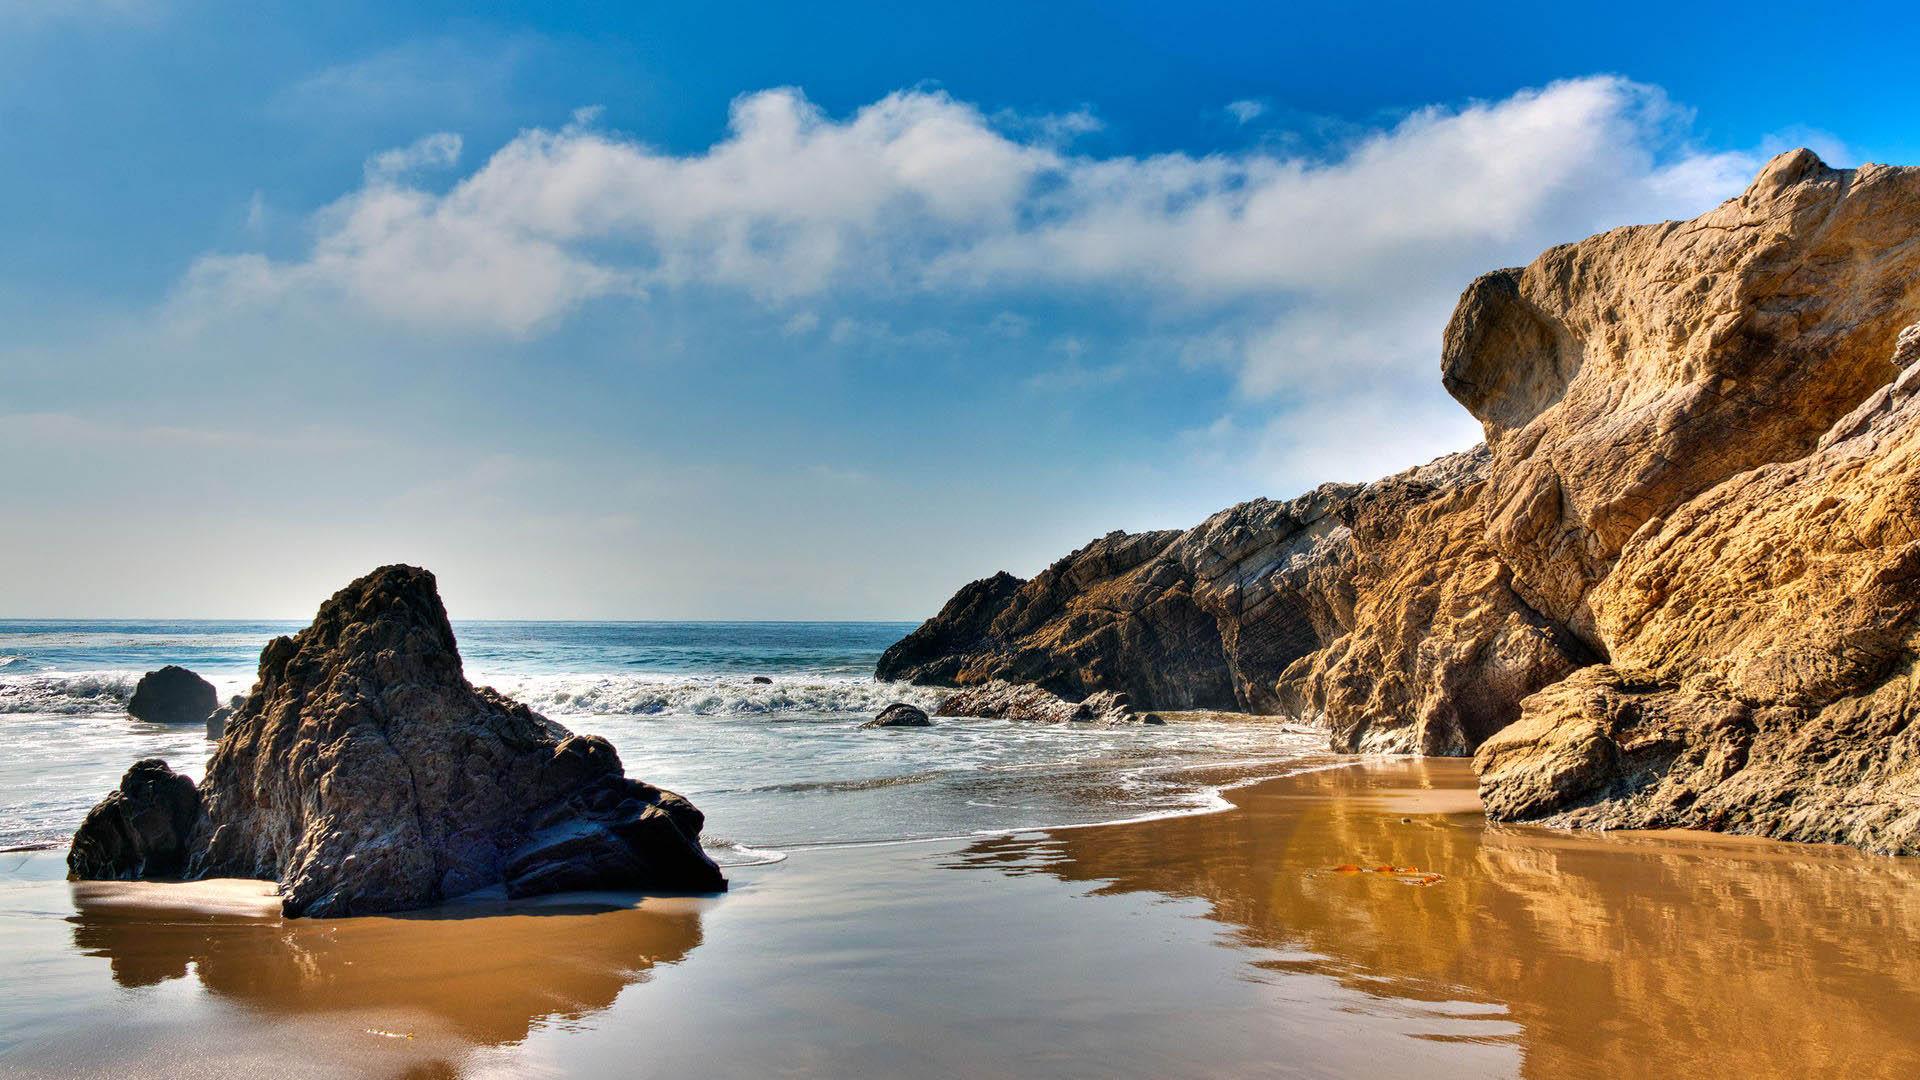 Ảnh nền bãi biển đẹp cho máy tính